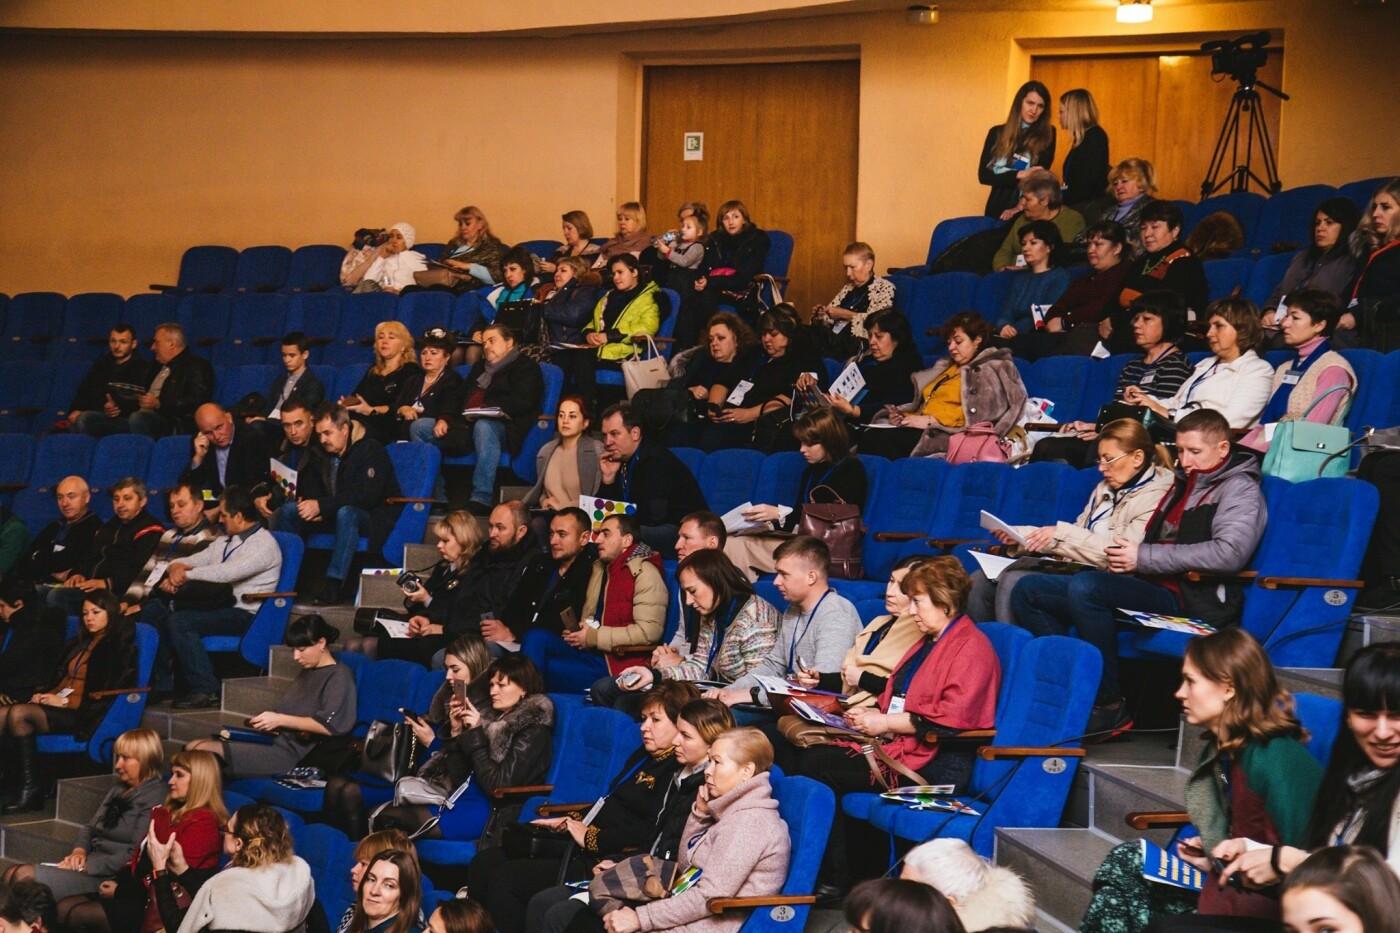 Дружківка: На Форумі місцевого розвитку пройшли плідні дискусії про майбутнє міста та громади (ФОТО), фото-17